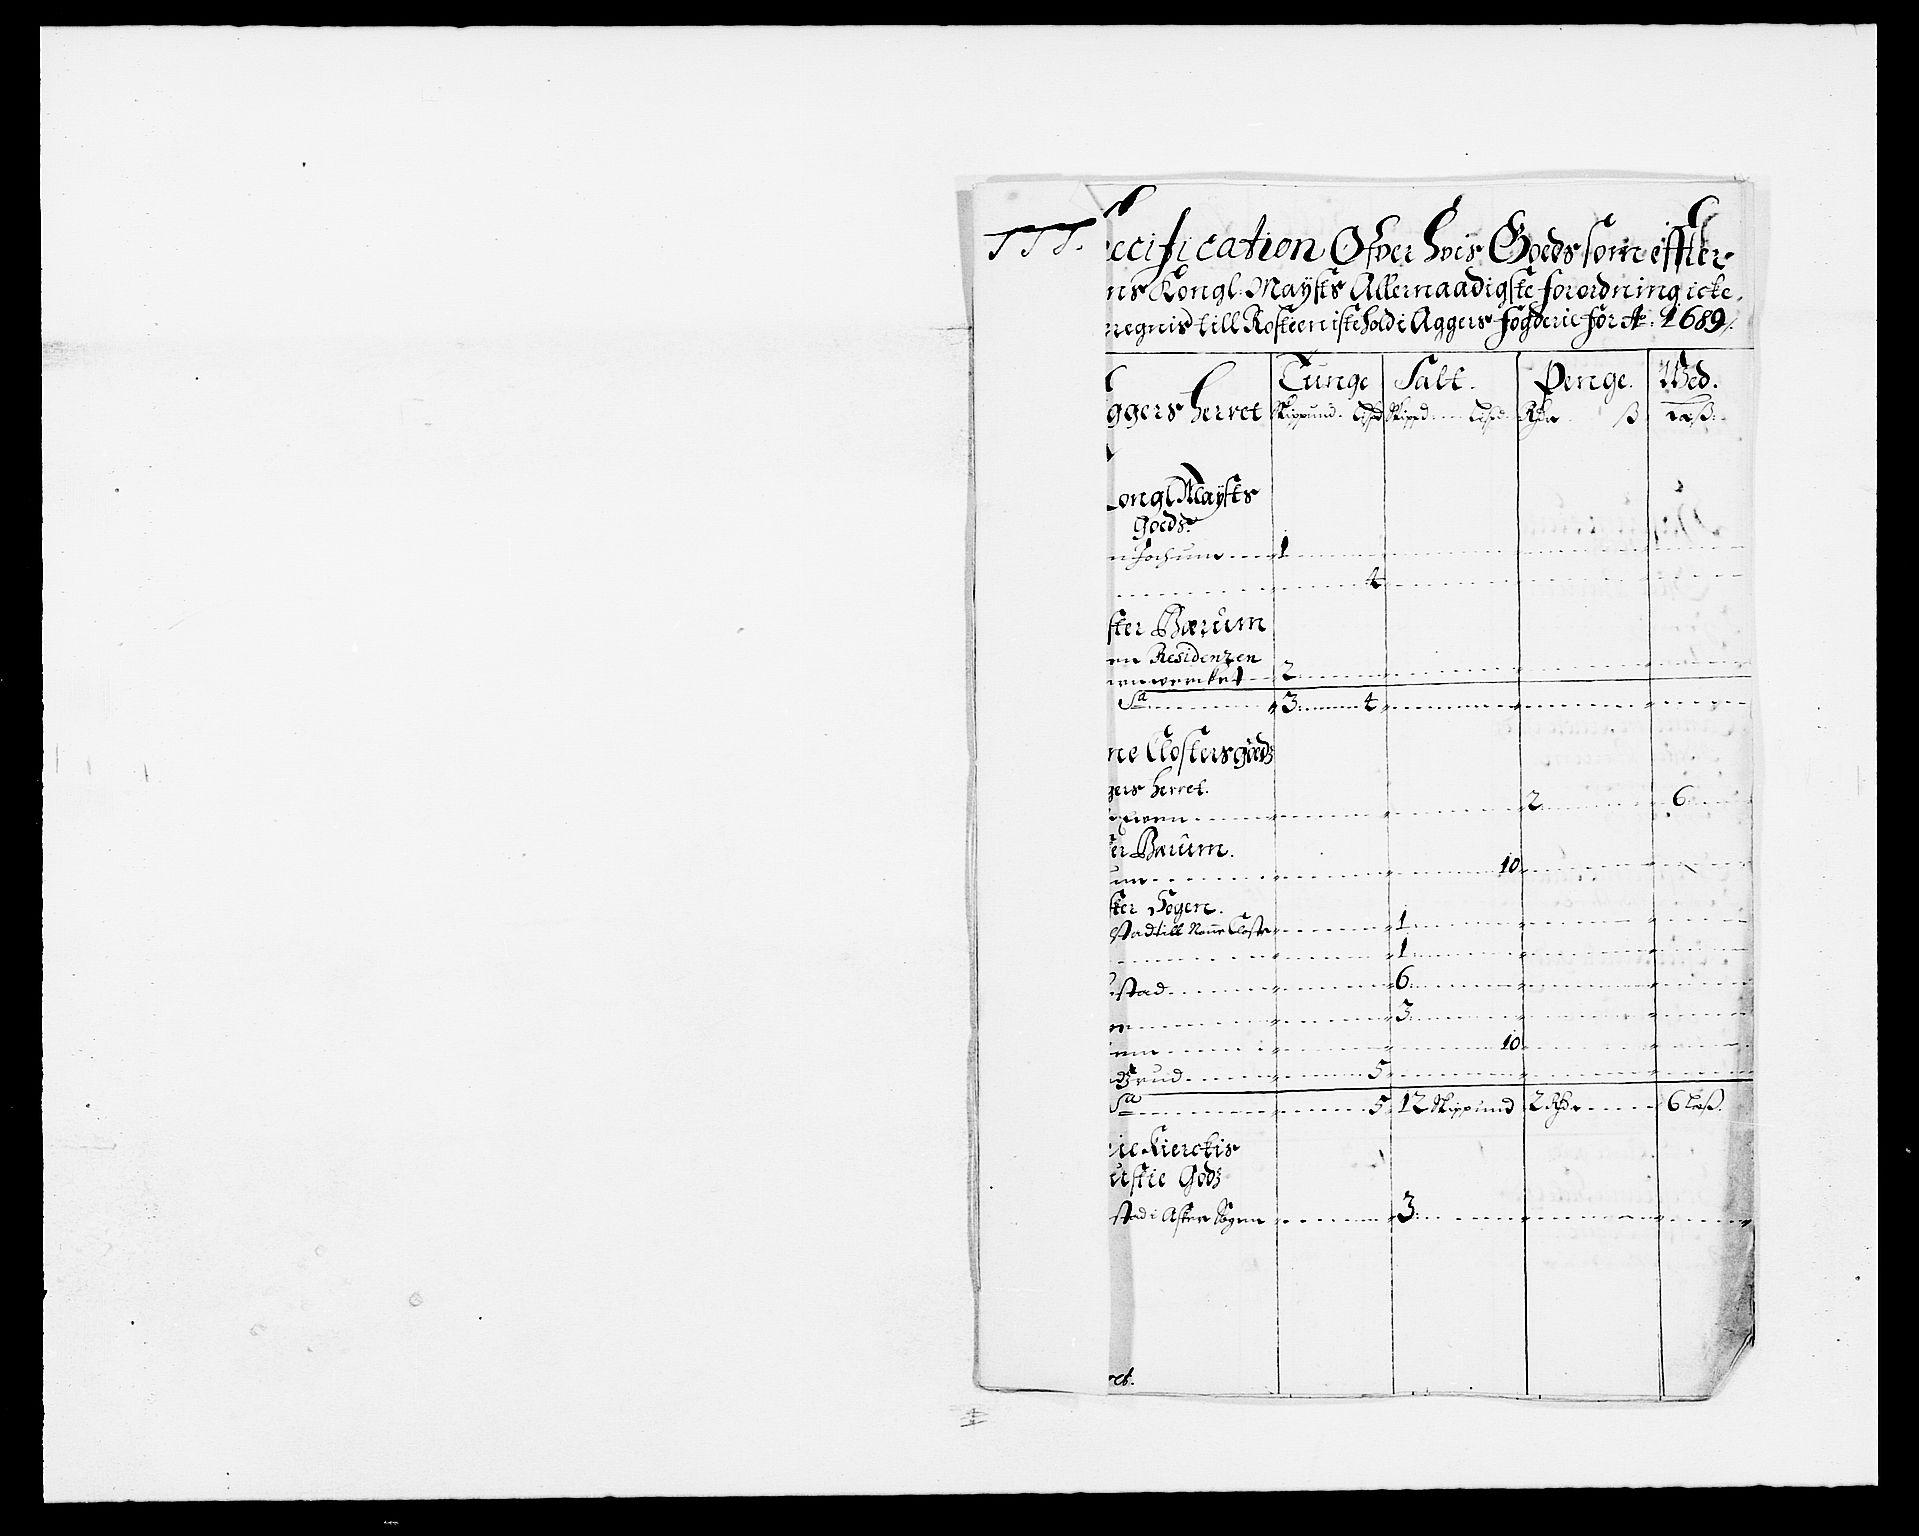 RA, Rentekammeret inntil 1814, Reviderte regnskaper, Fogderegnskap, R08/L0423: Fogderegnskap Aker, 1687-1689, s. 40